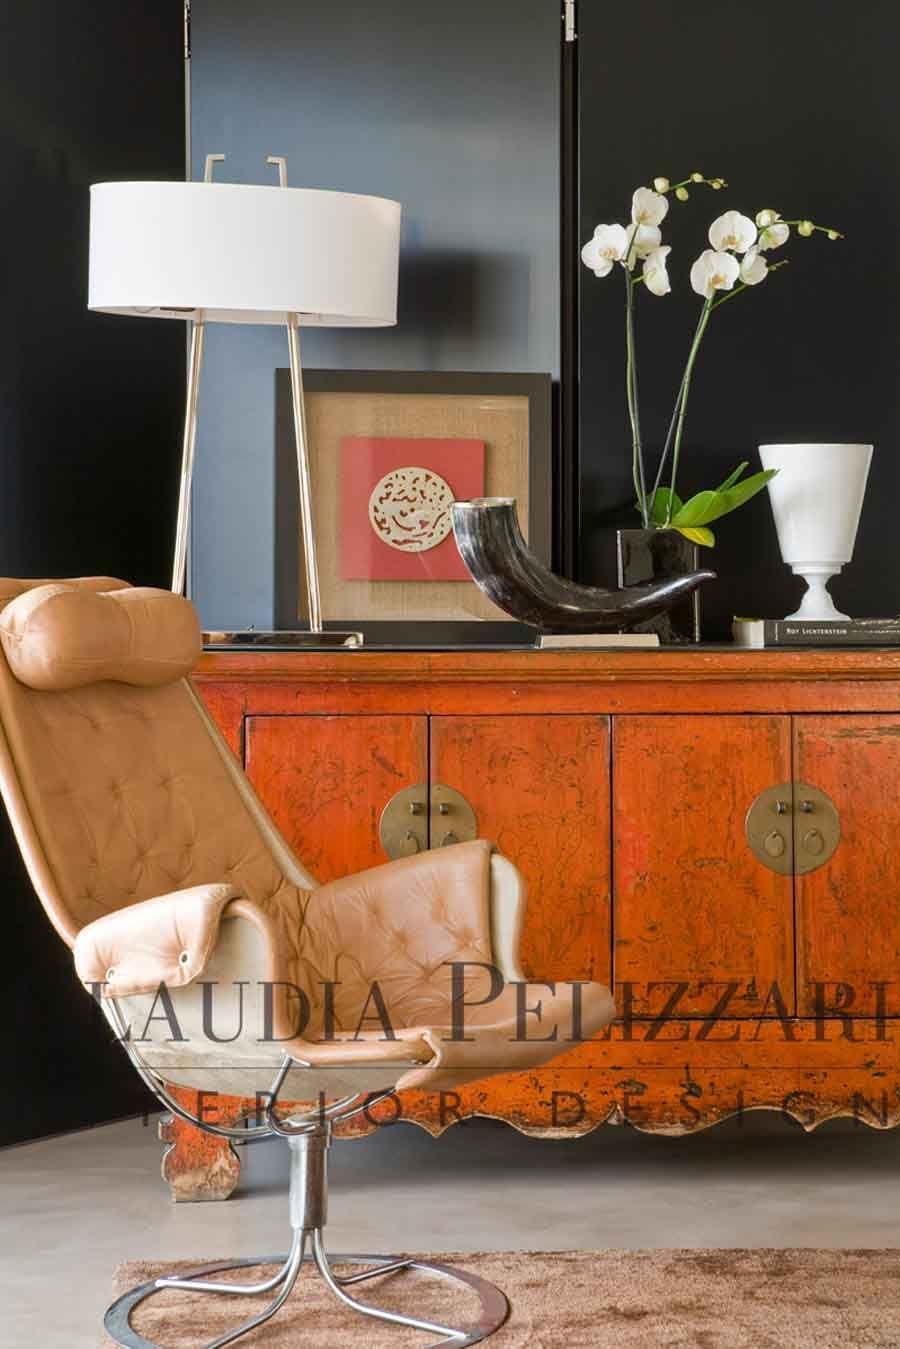 Interior design claudia pelizzari architettura d 39 interni decor arredo case - Decoratore d interni ...